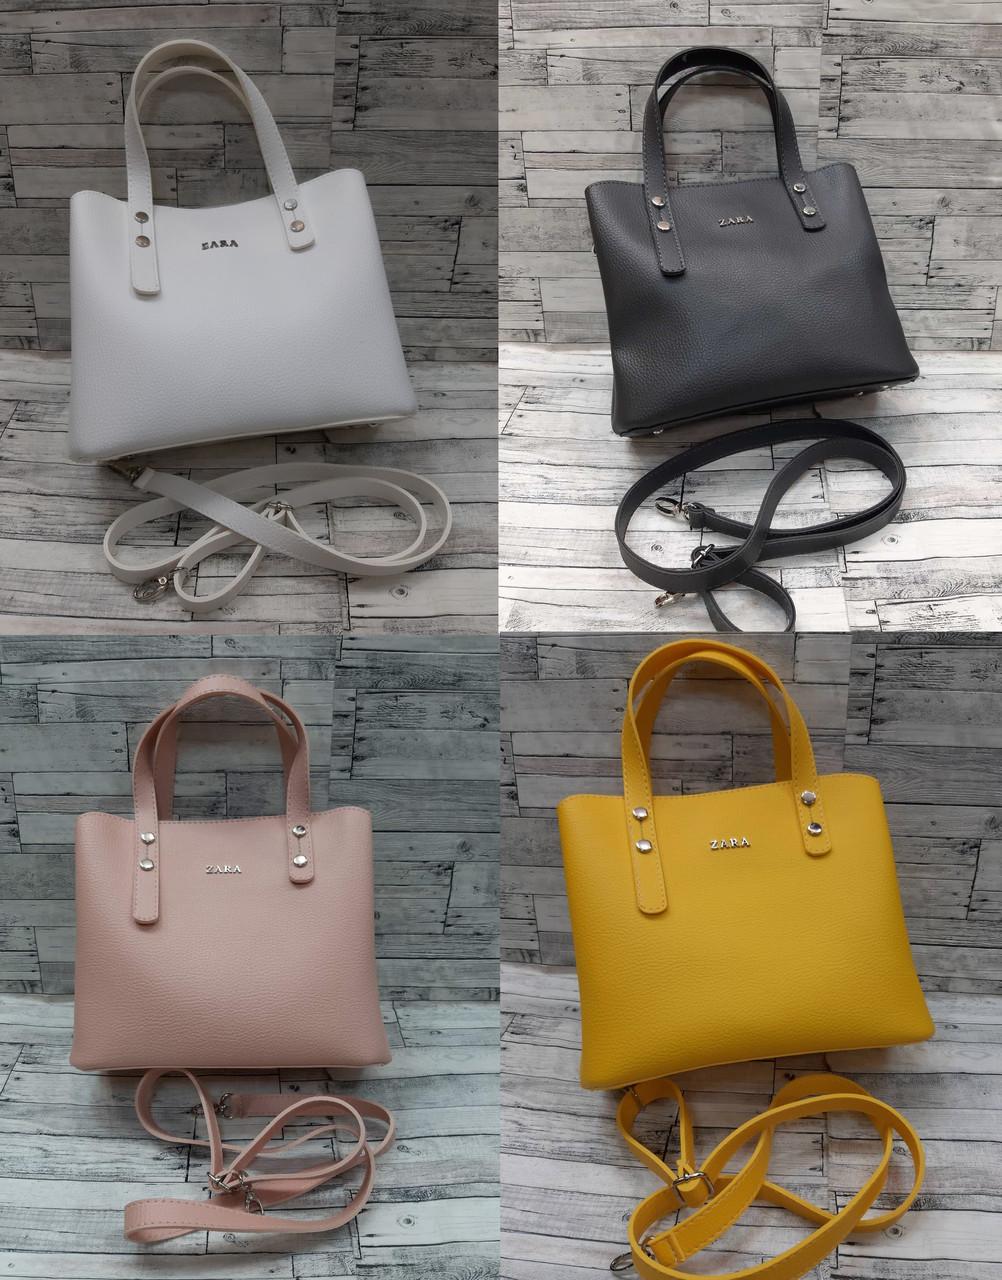 Женская стильная сумка эко-кожа Зара Zara. В расцветках.